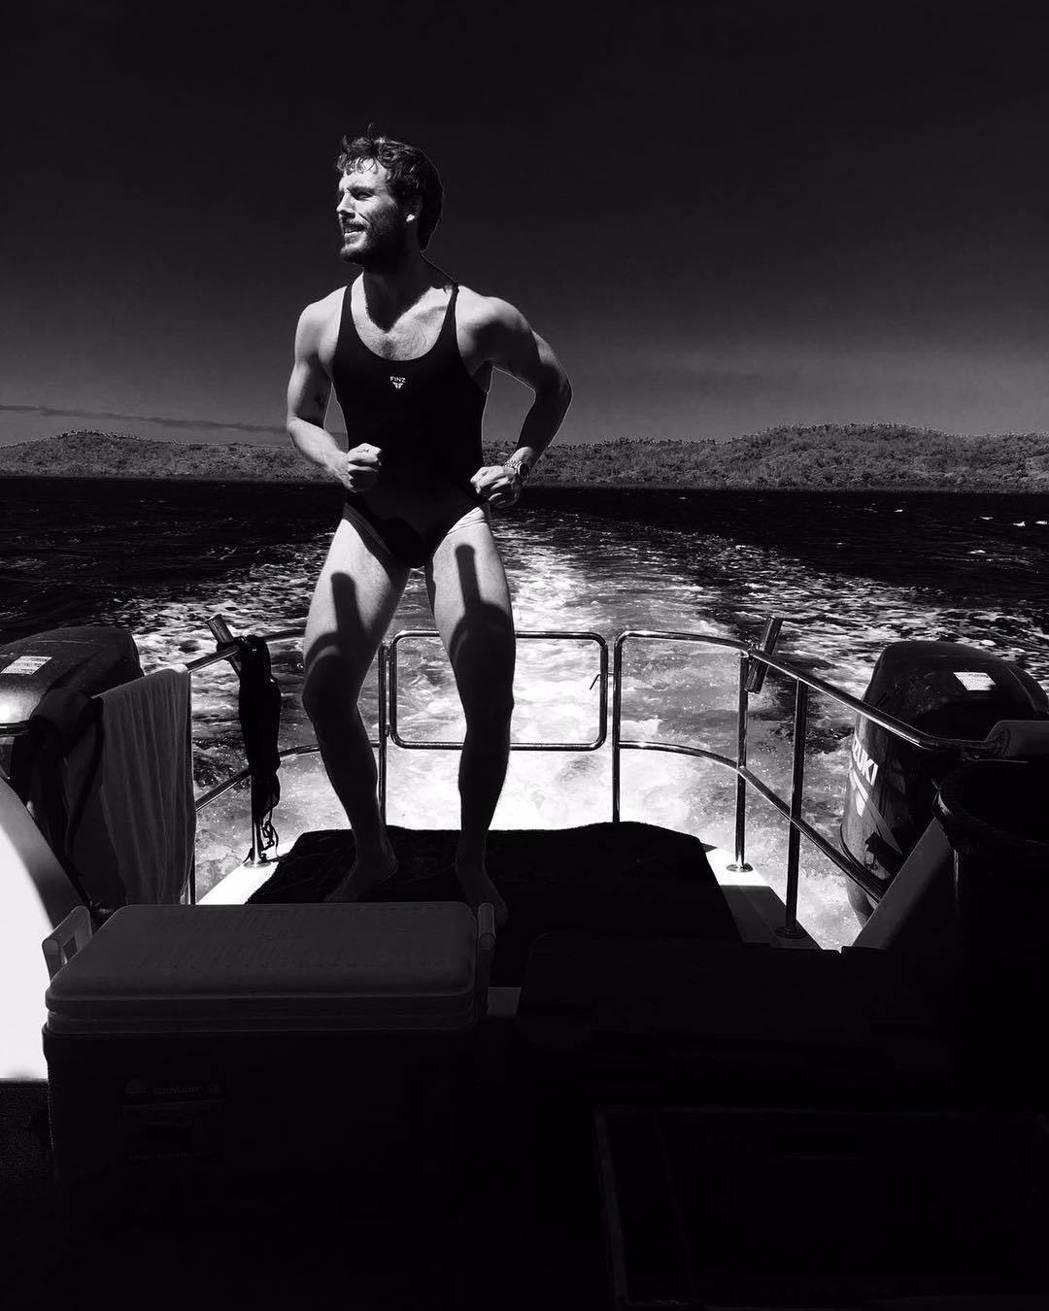 山姆克萊弗林粗獷的造型和身上的女性泳裝超級不搭,令人絕倒。圖/摘自instagr...